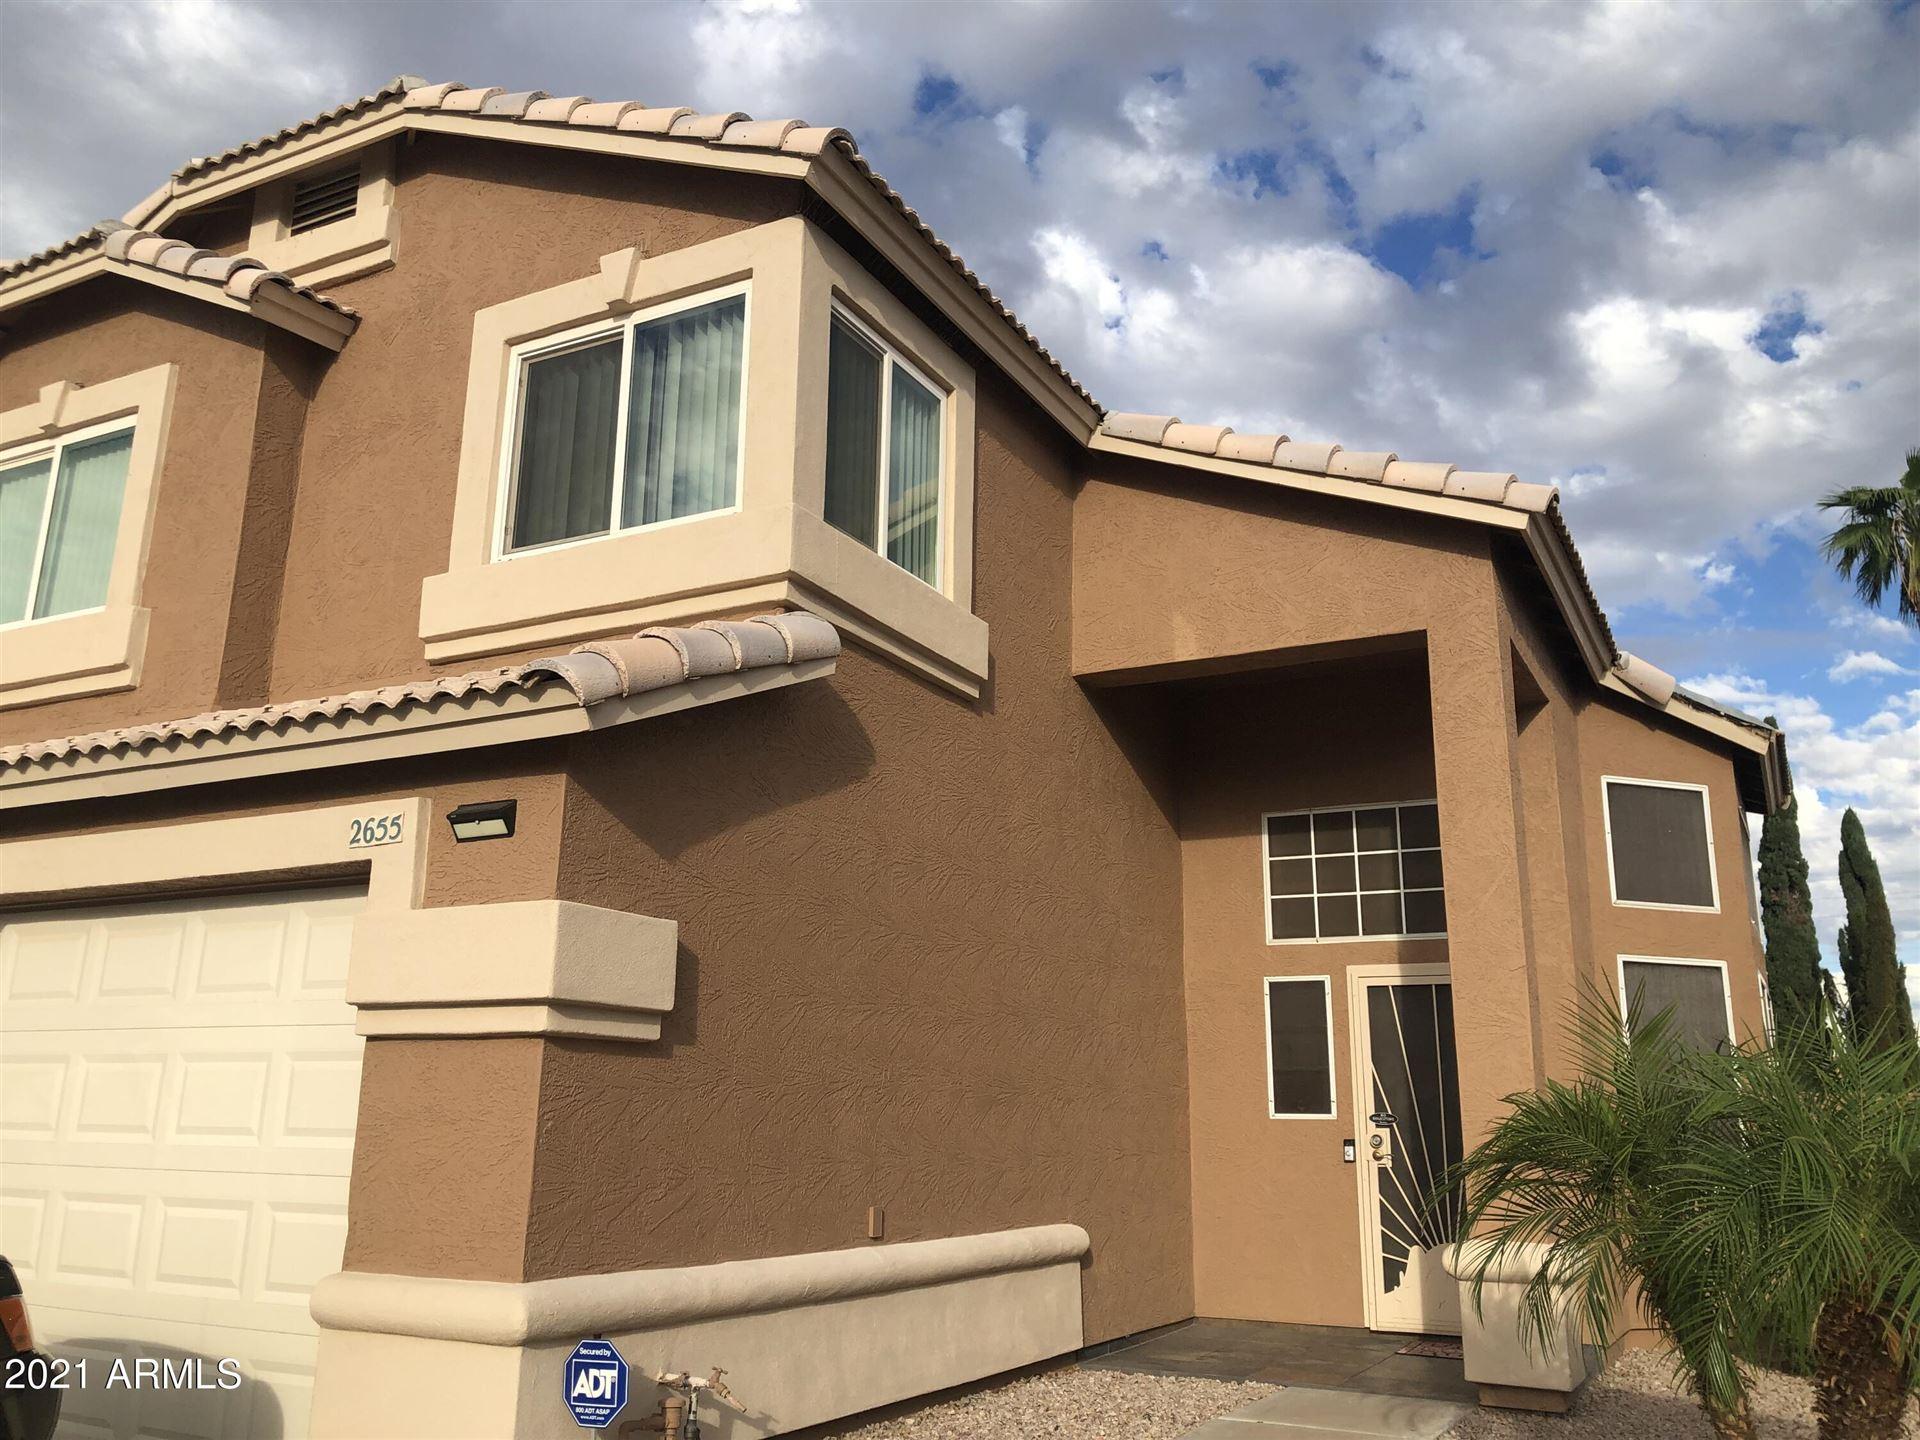 2655 S ANANEA --, Mesa, AZ 85209 - #: 6302881